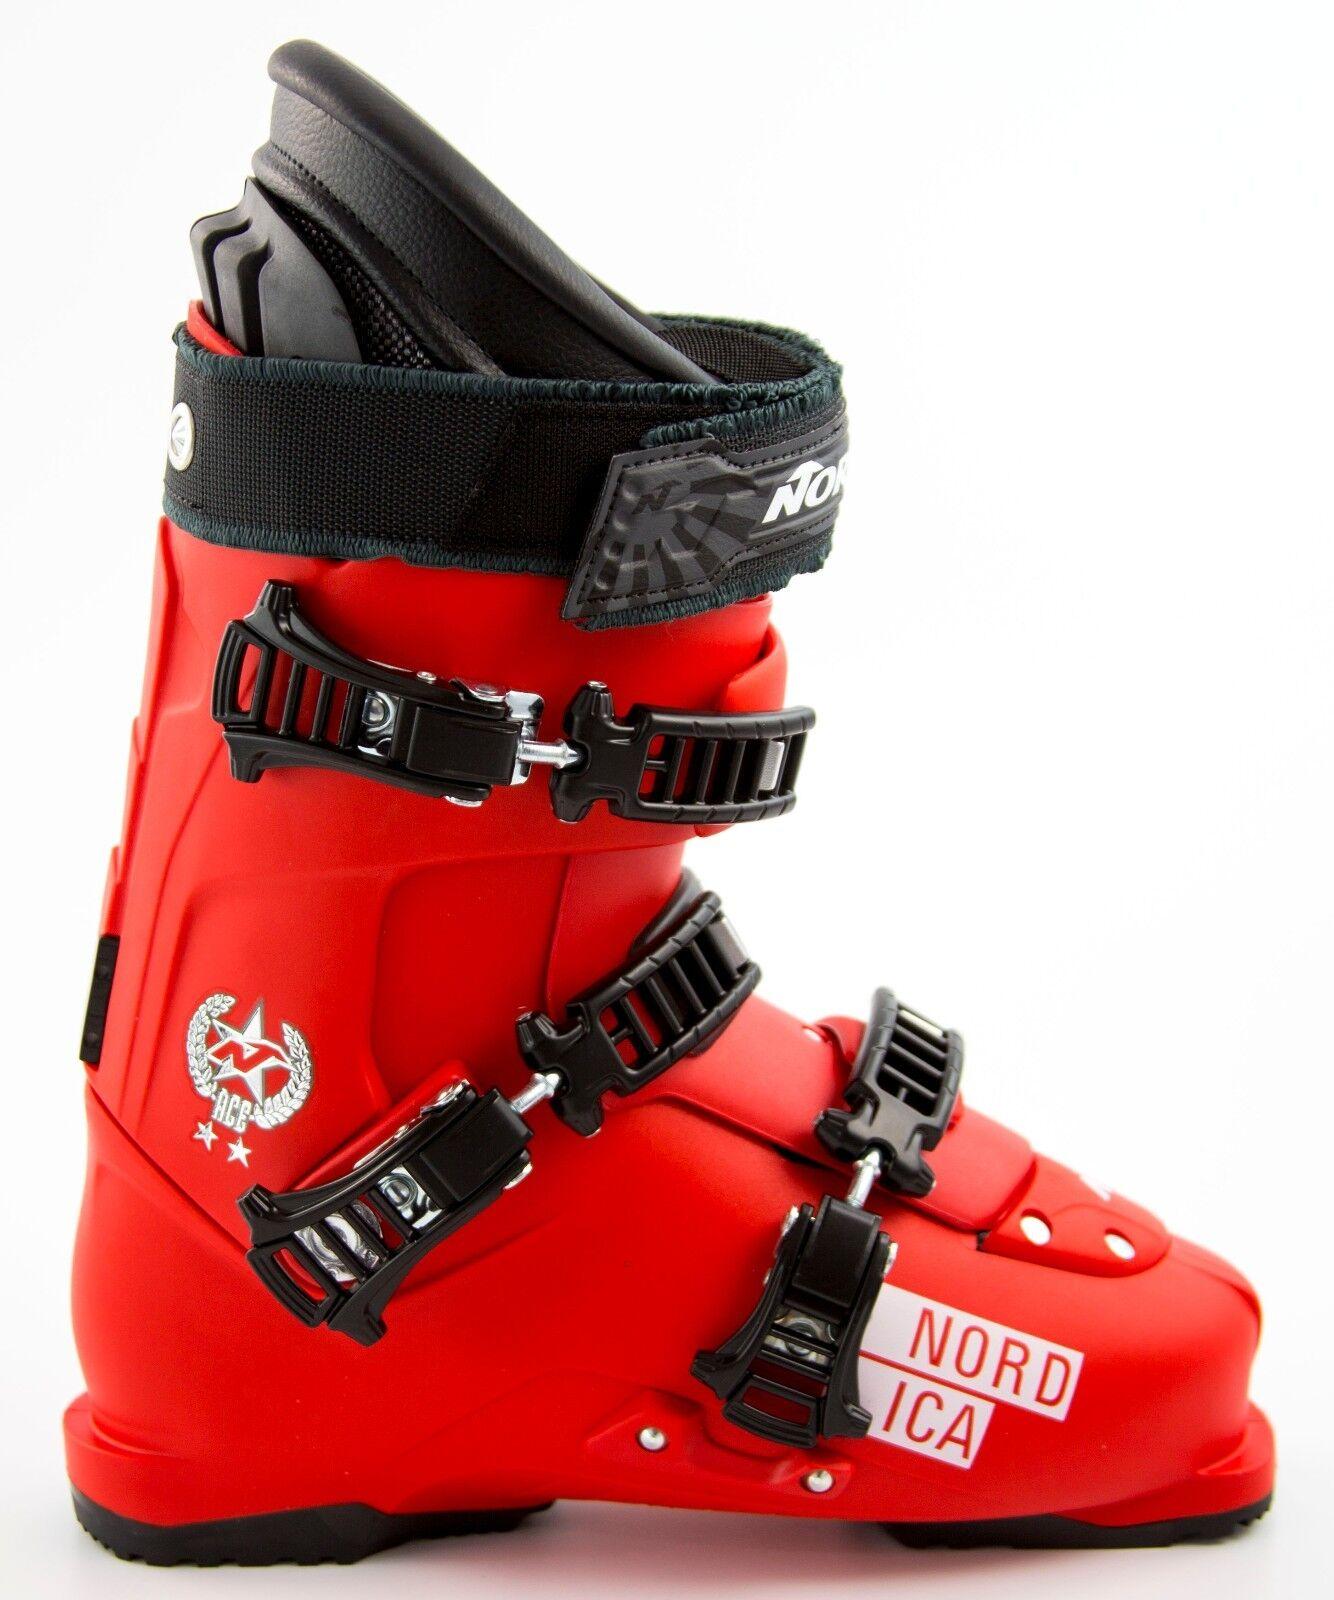 NEW 500  Herren Nordica Ace 2 Stars ROT Ski Stiefel Mondo Größe 26.5 27.5 28.5 29.5